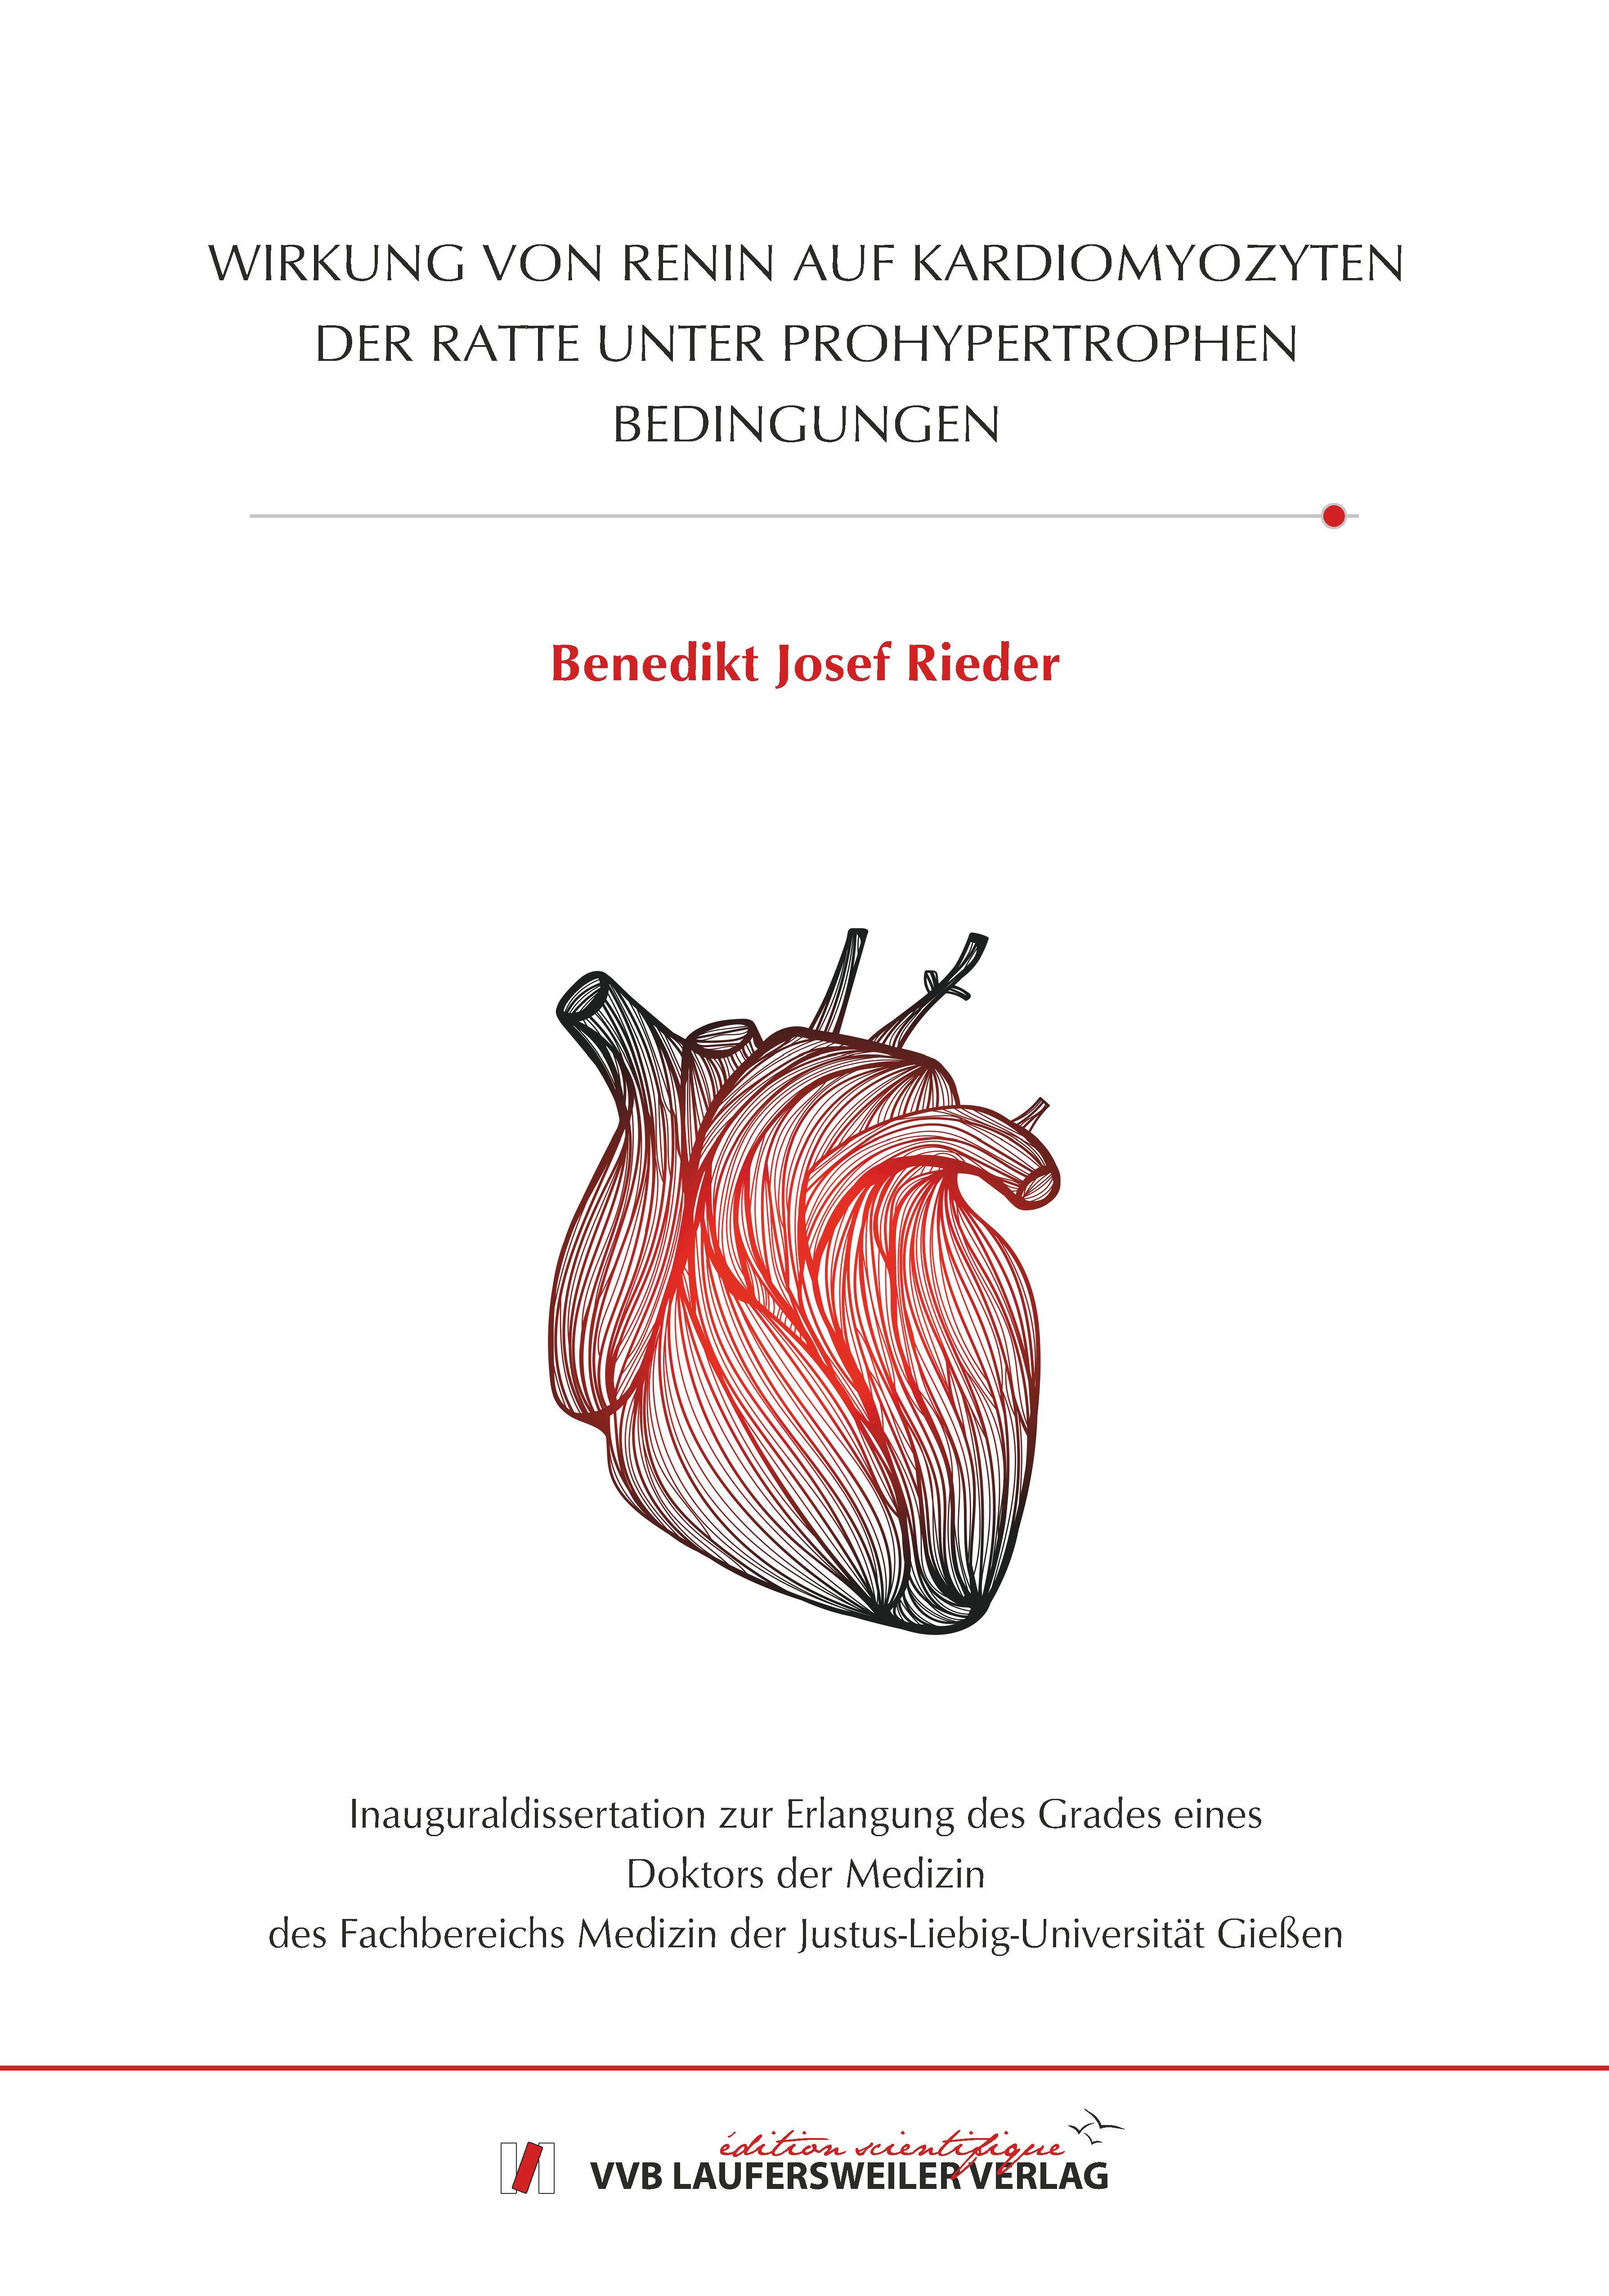 Großartig Ratte Dissektion Anatomie Zeitgenössisch - Anatomie Ideen ...